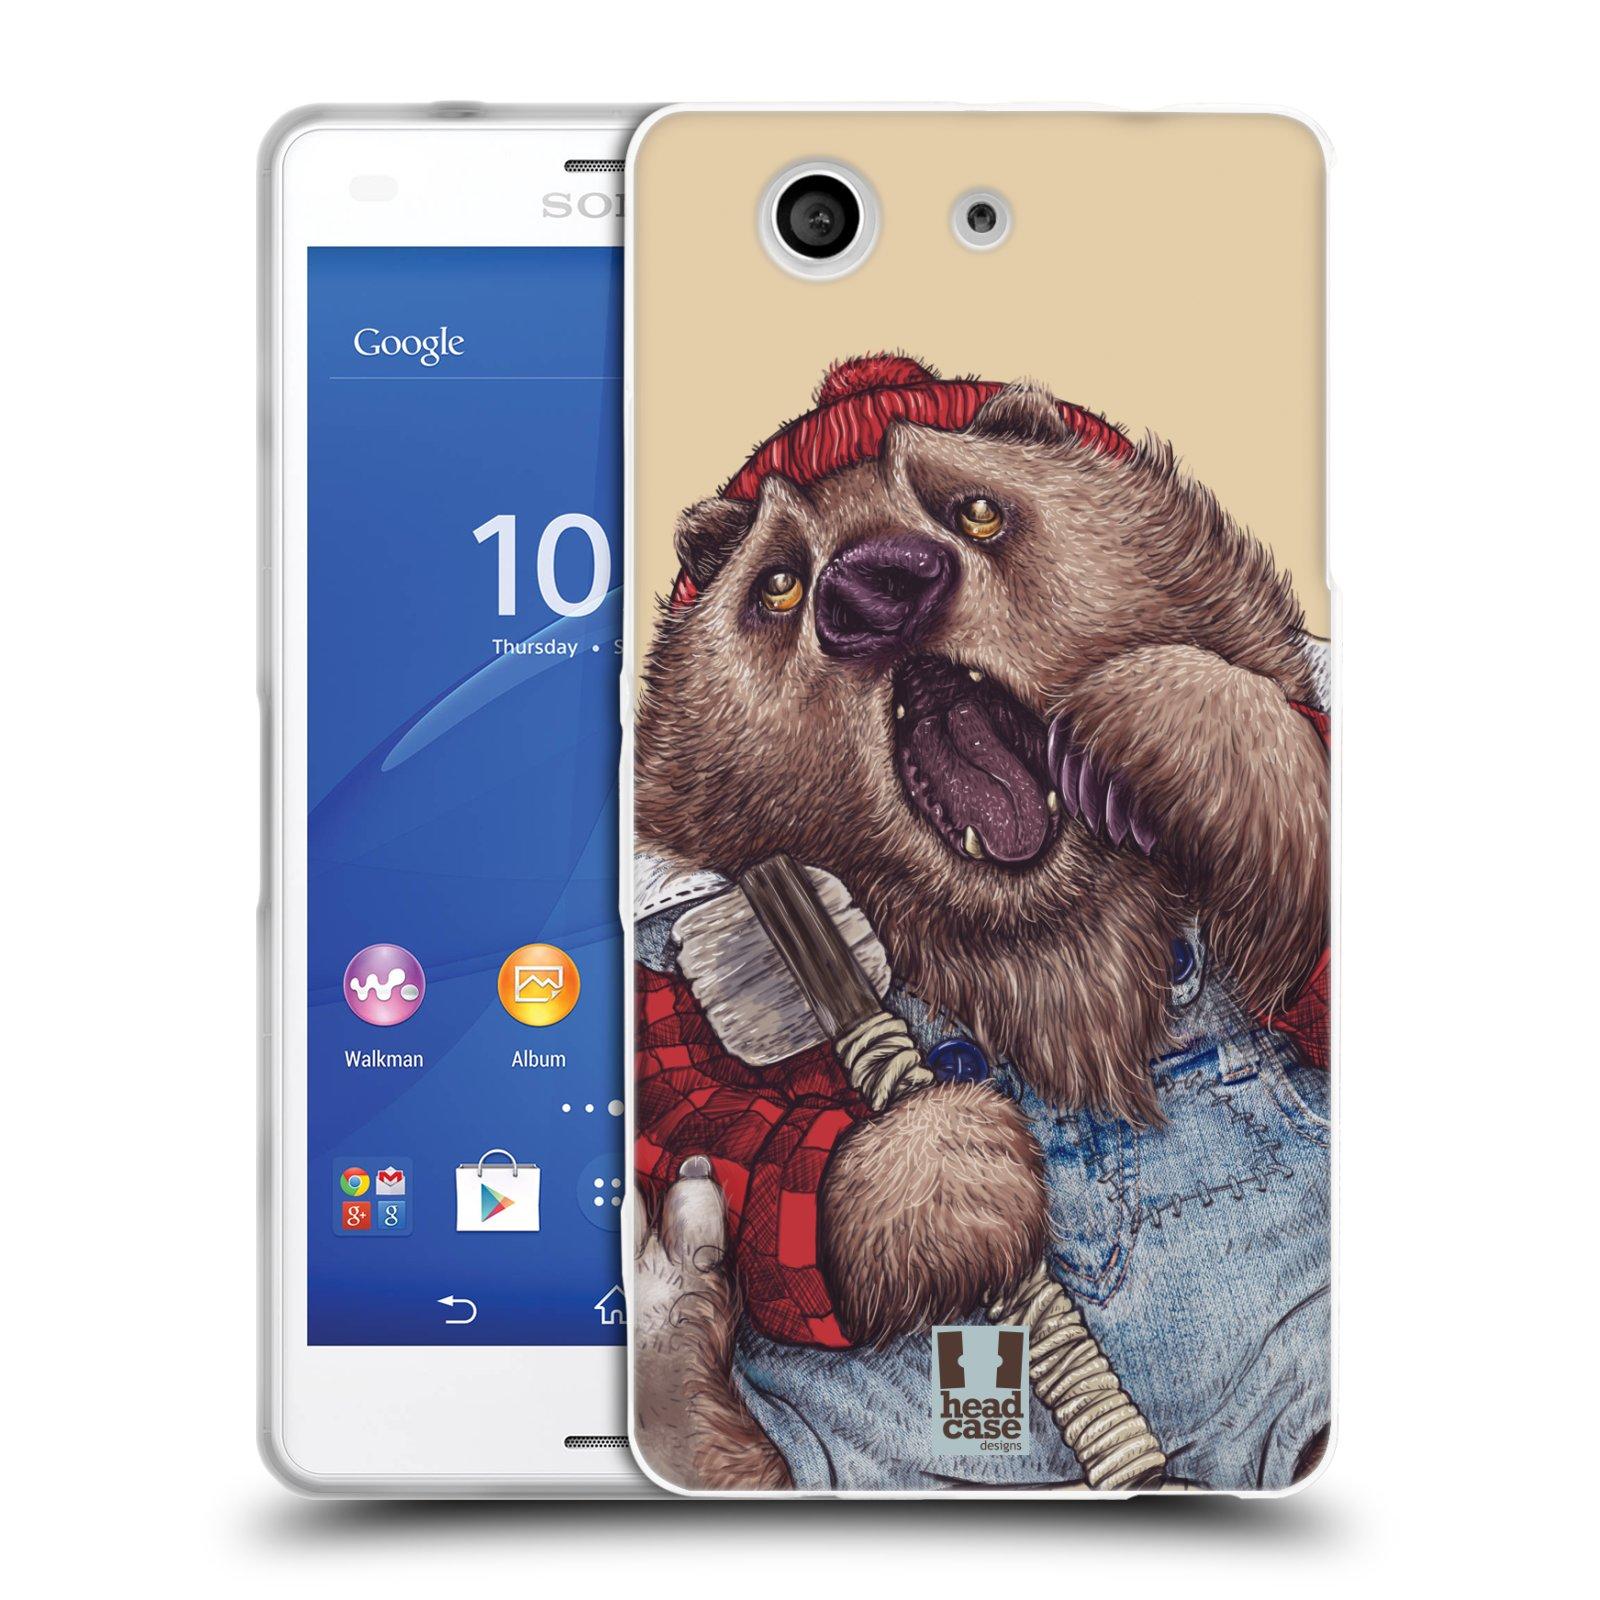 Silikonové pouzdro na mobil Sony Xperia Z3 Compact D5803 HEAD CASE ANIMPLA MEDVĚD